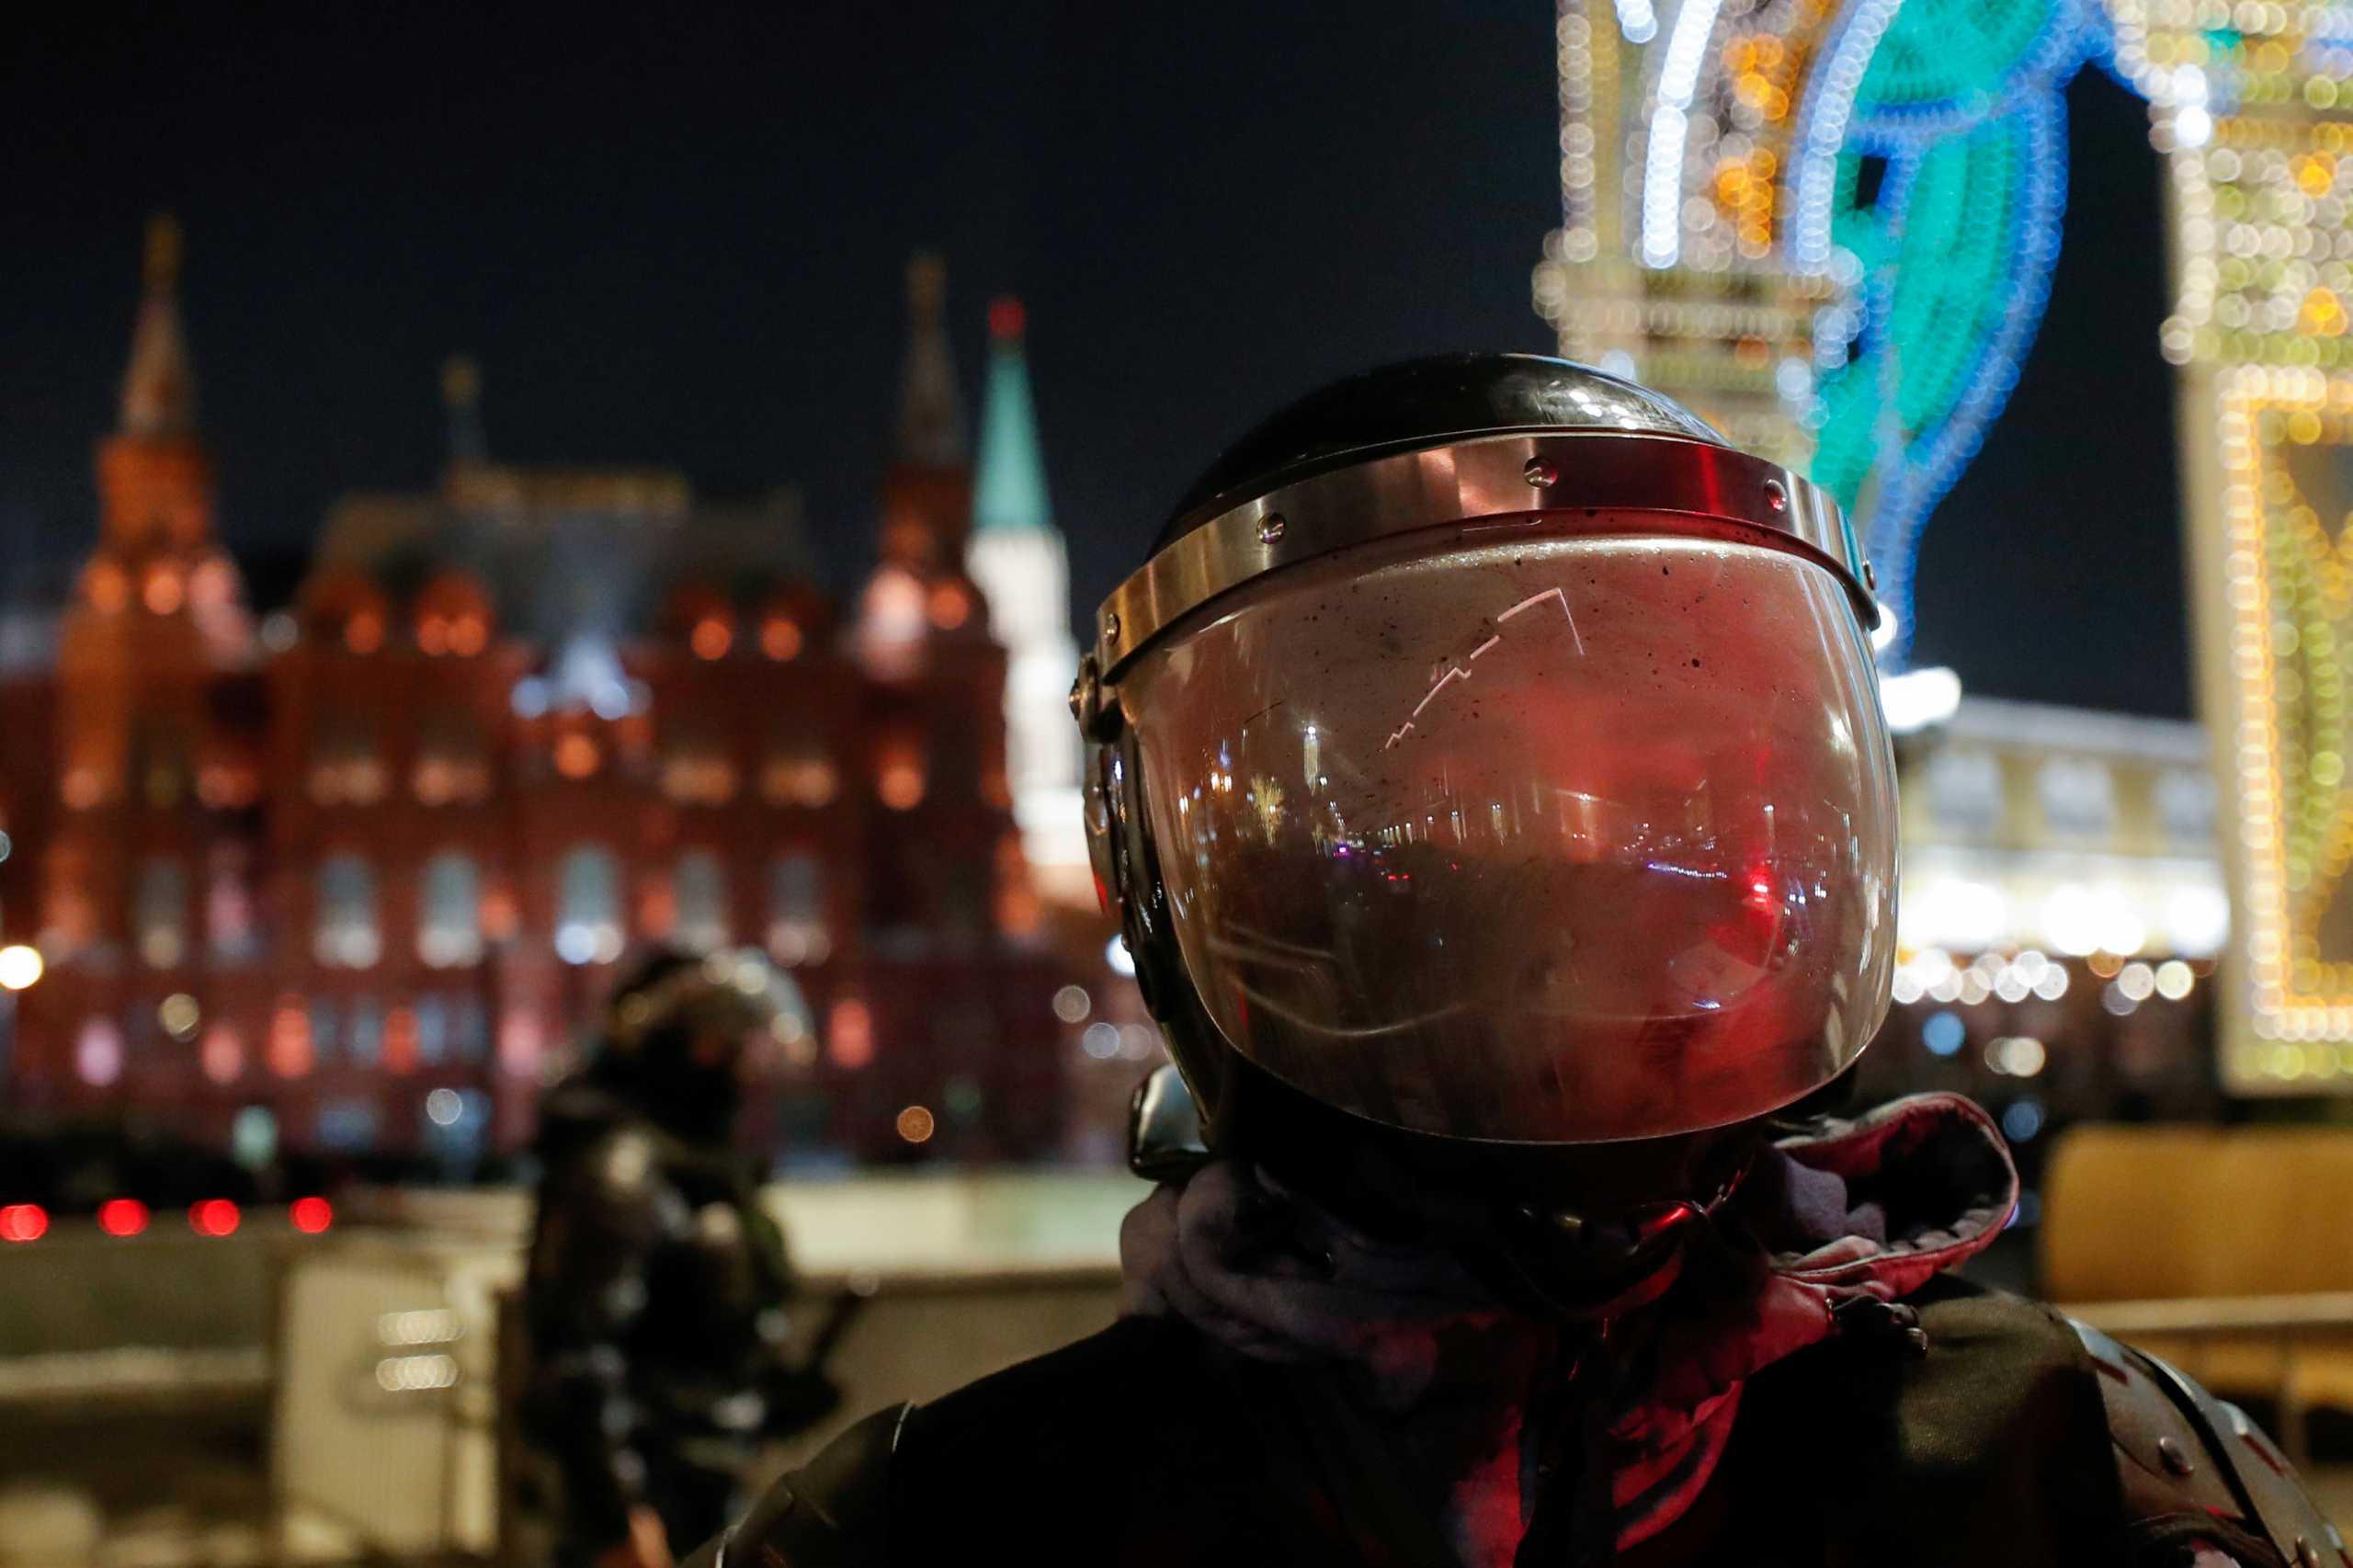 Τα ρωσικά ΜΑΤ ψάχνουν να προσλάβουν ελεύθερους σκοπευτές «χωρίς εμπειρία»